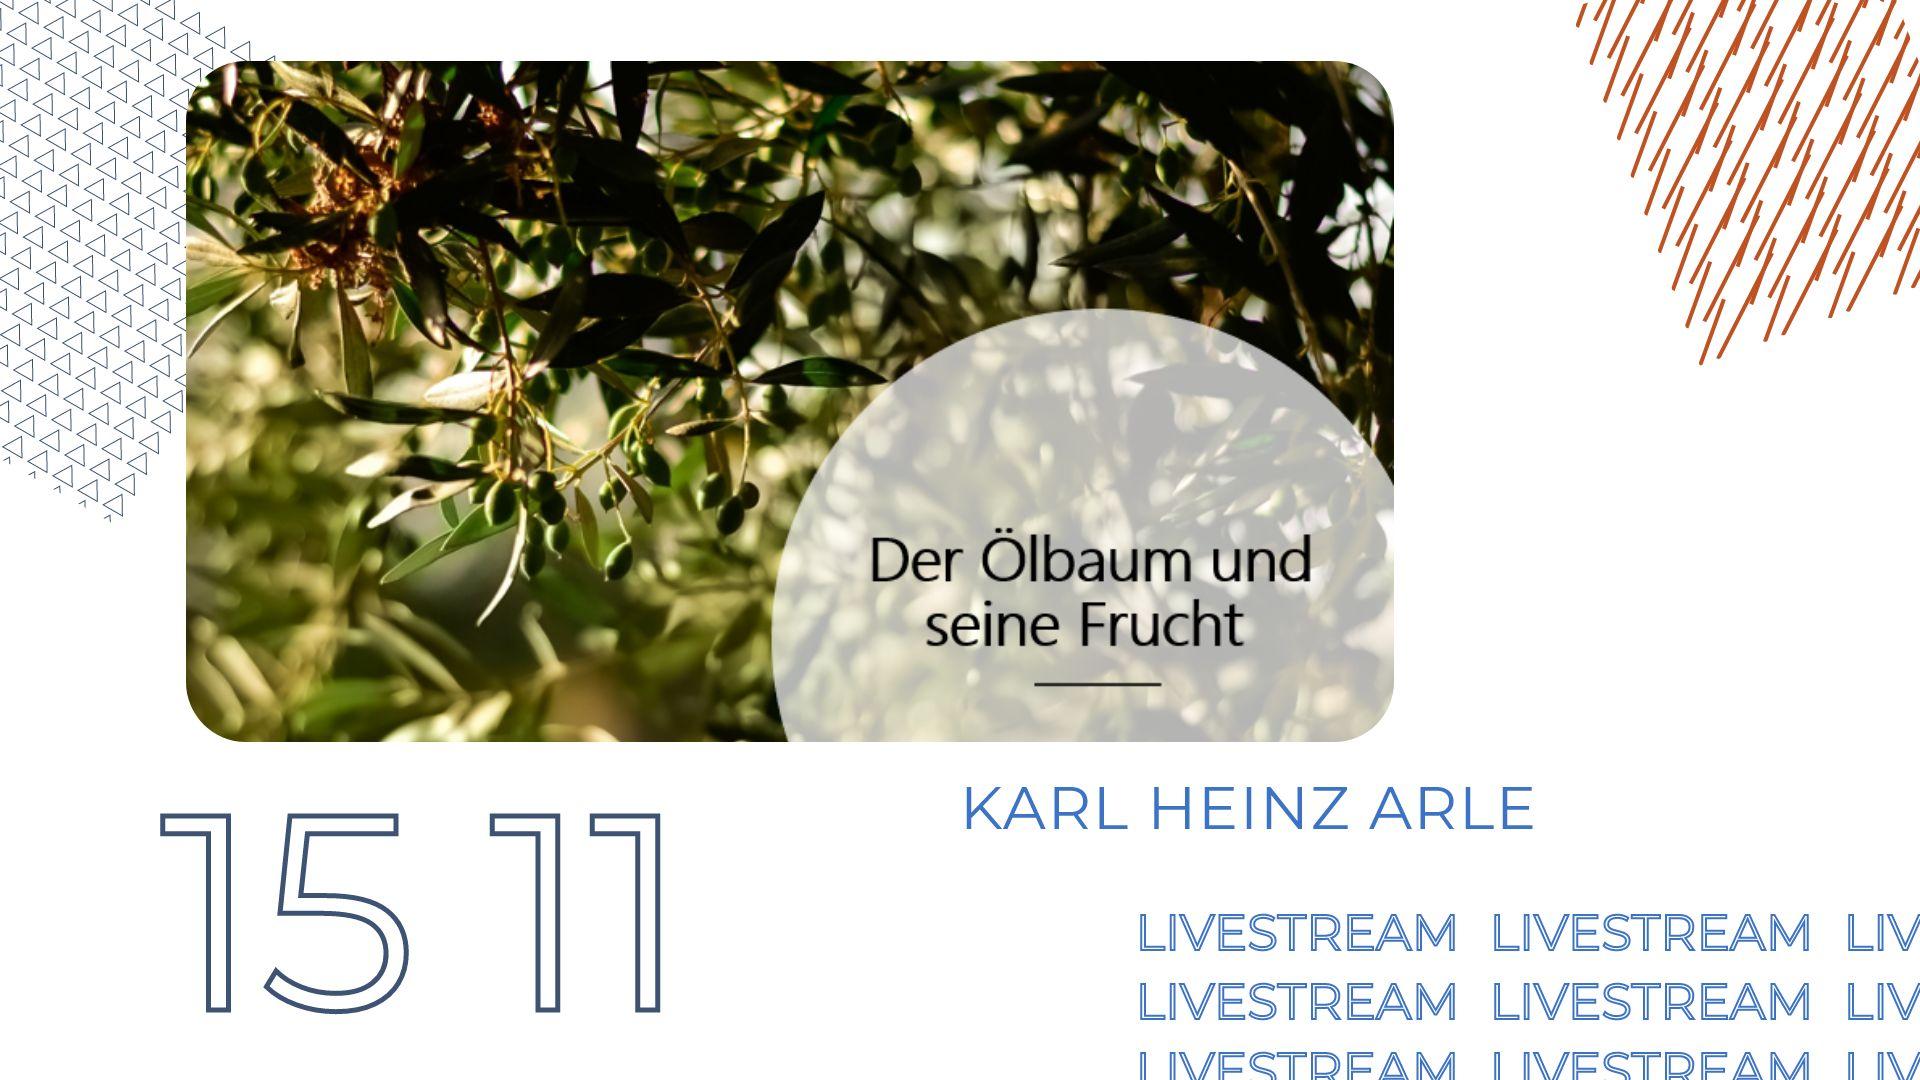 Amech Ami – Die Frucht des Ölbaums